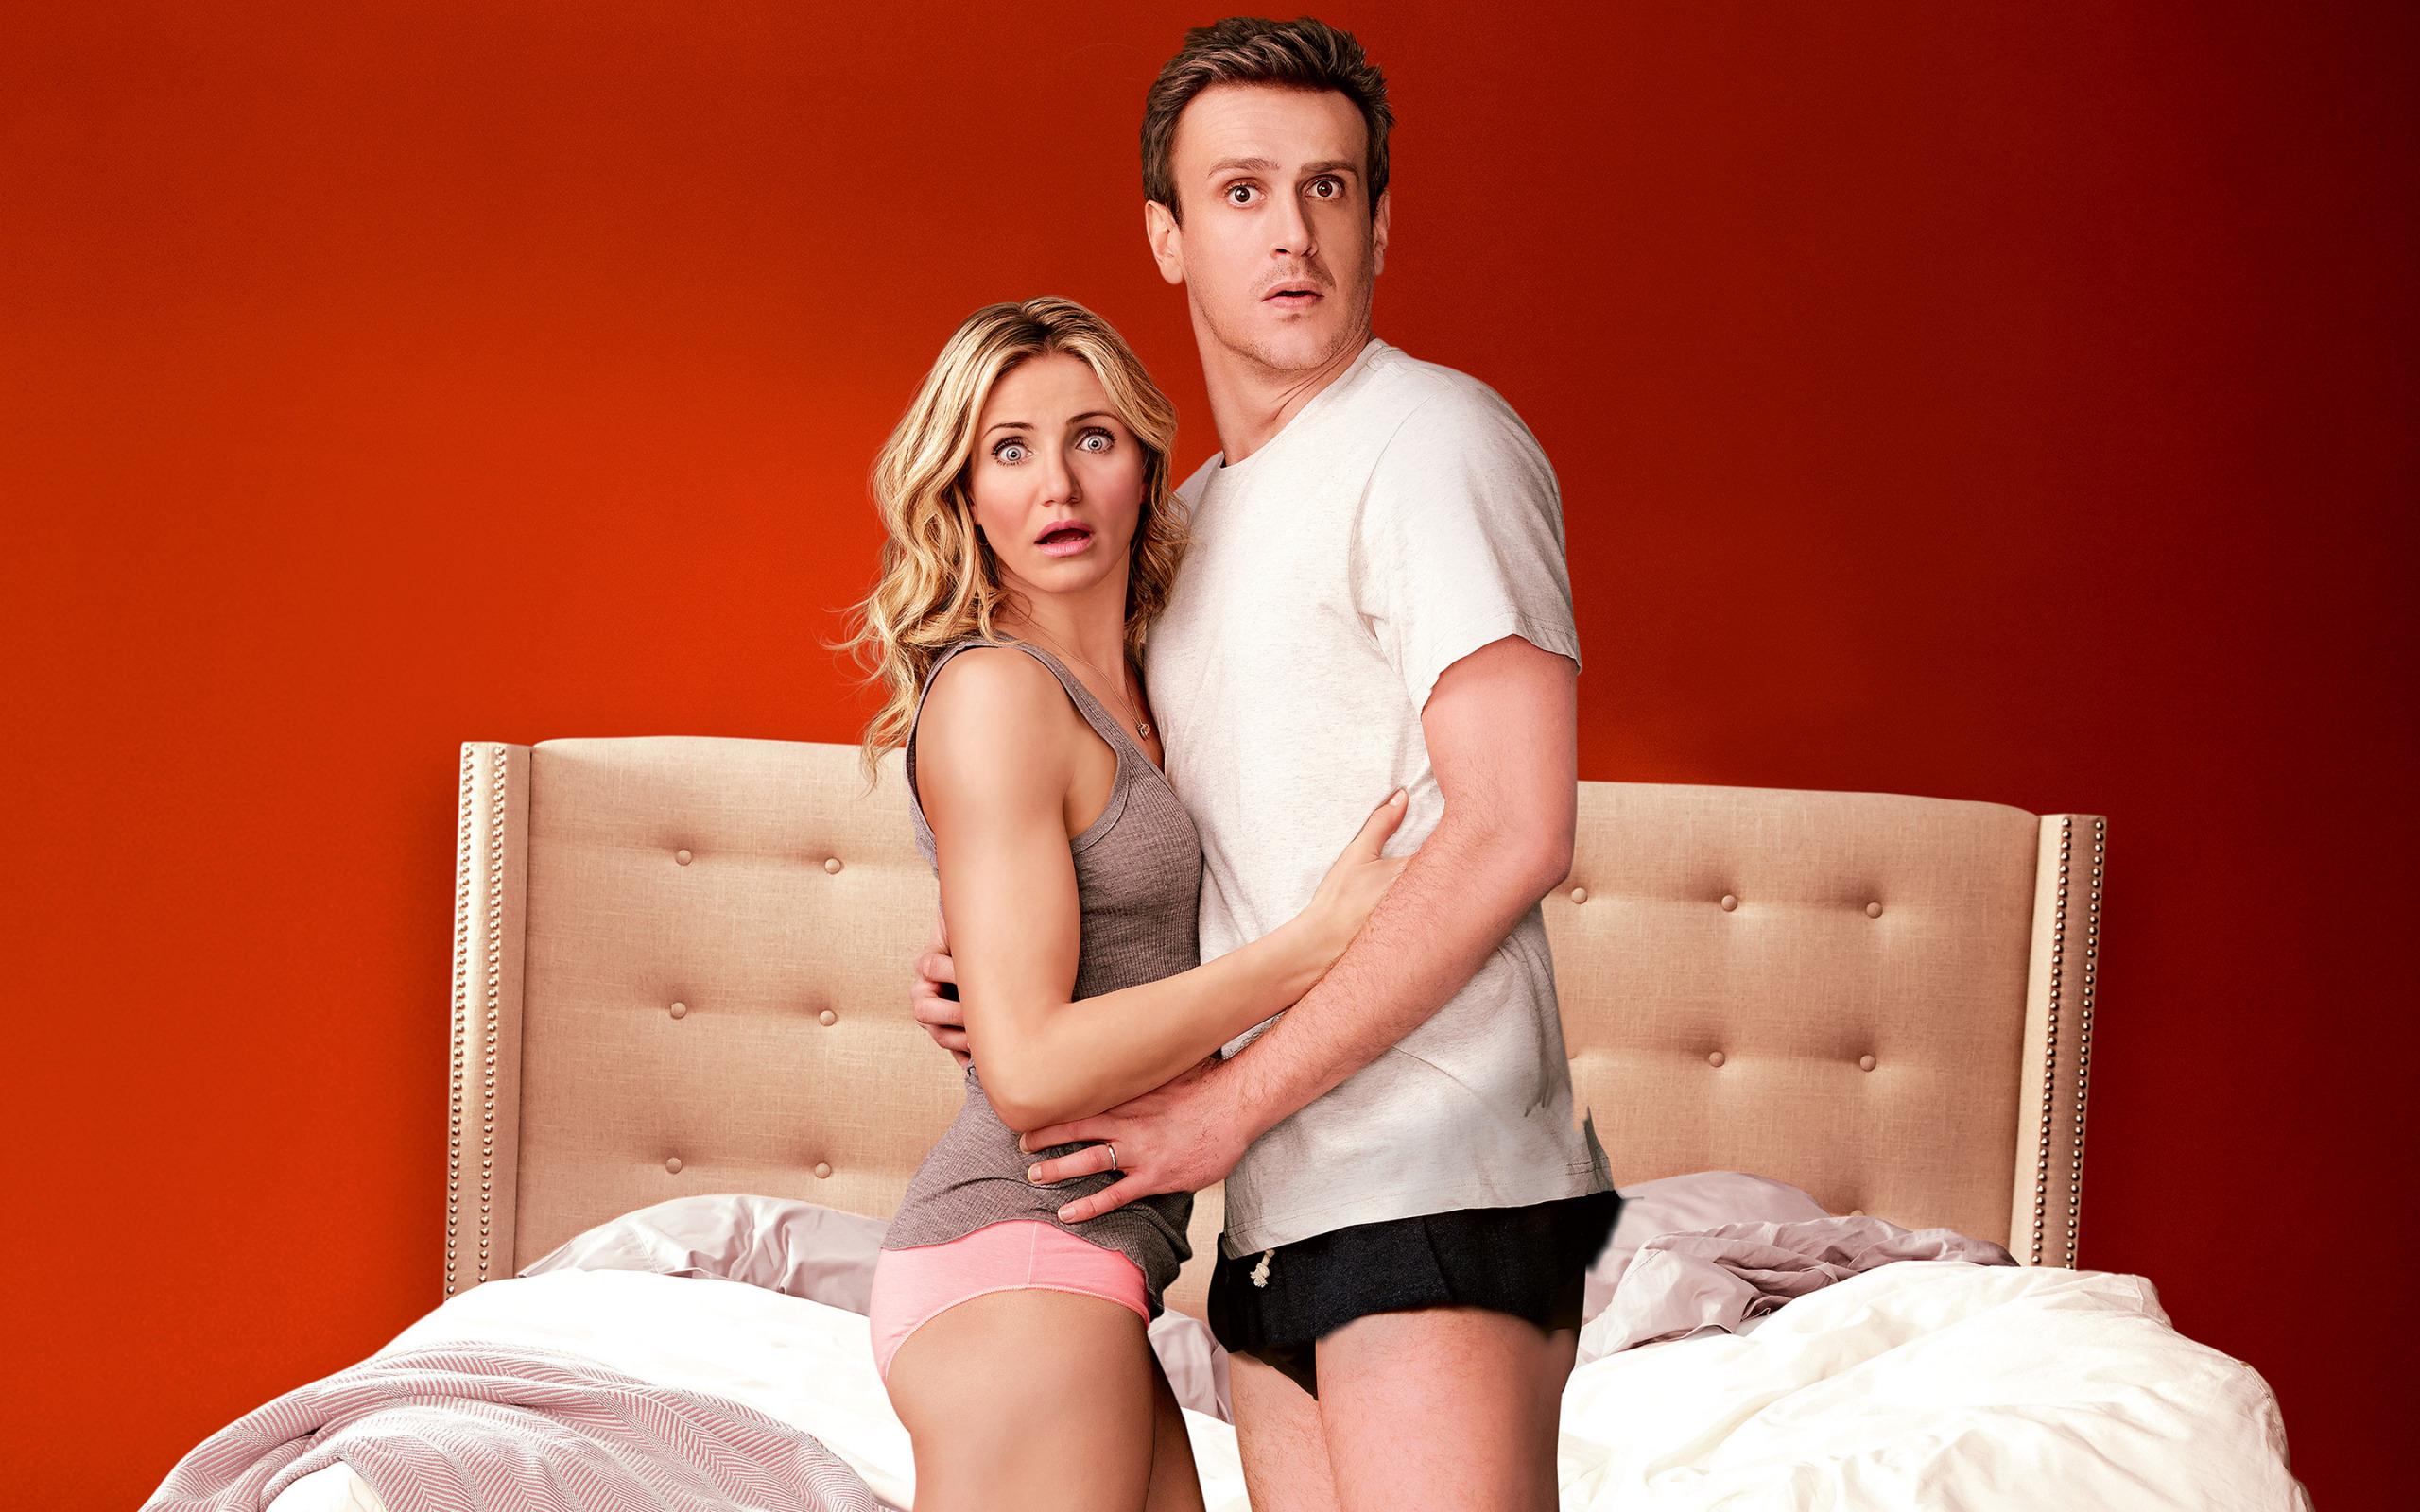 Тест онлайн на секс, Сексуальные тесты: пройти тесты на секс онлайн 19 фотография